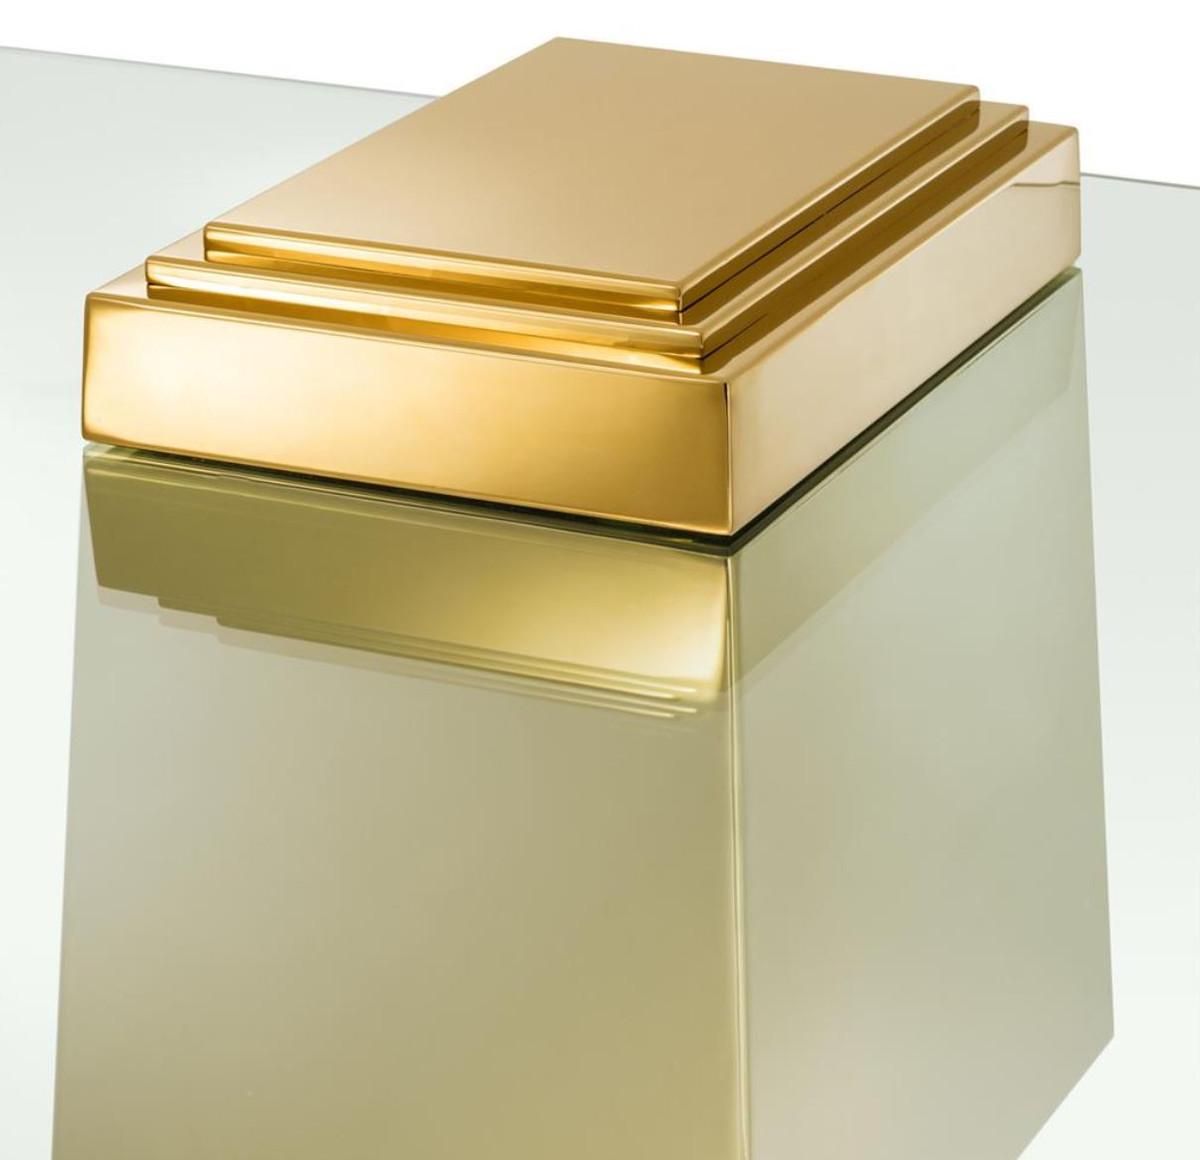 Casa padrino luxus couchtisch wohnzimmertisch gold 105 x for Luxus couchtisch